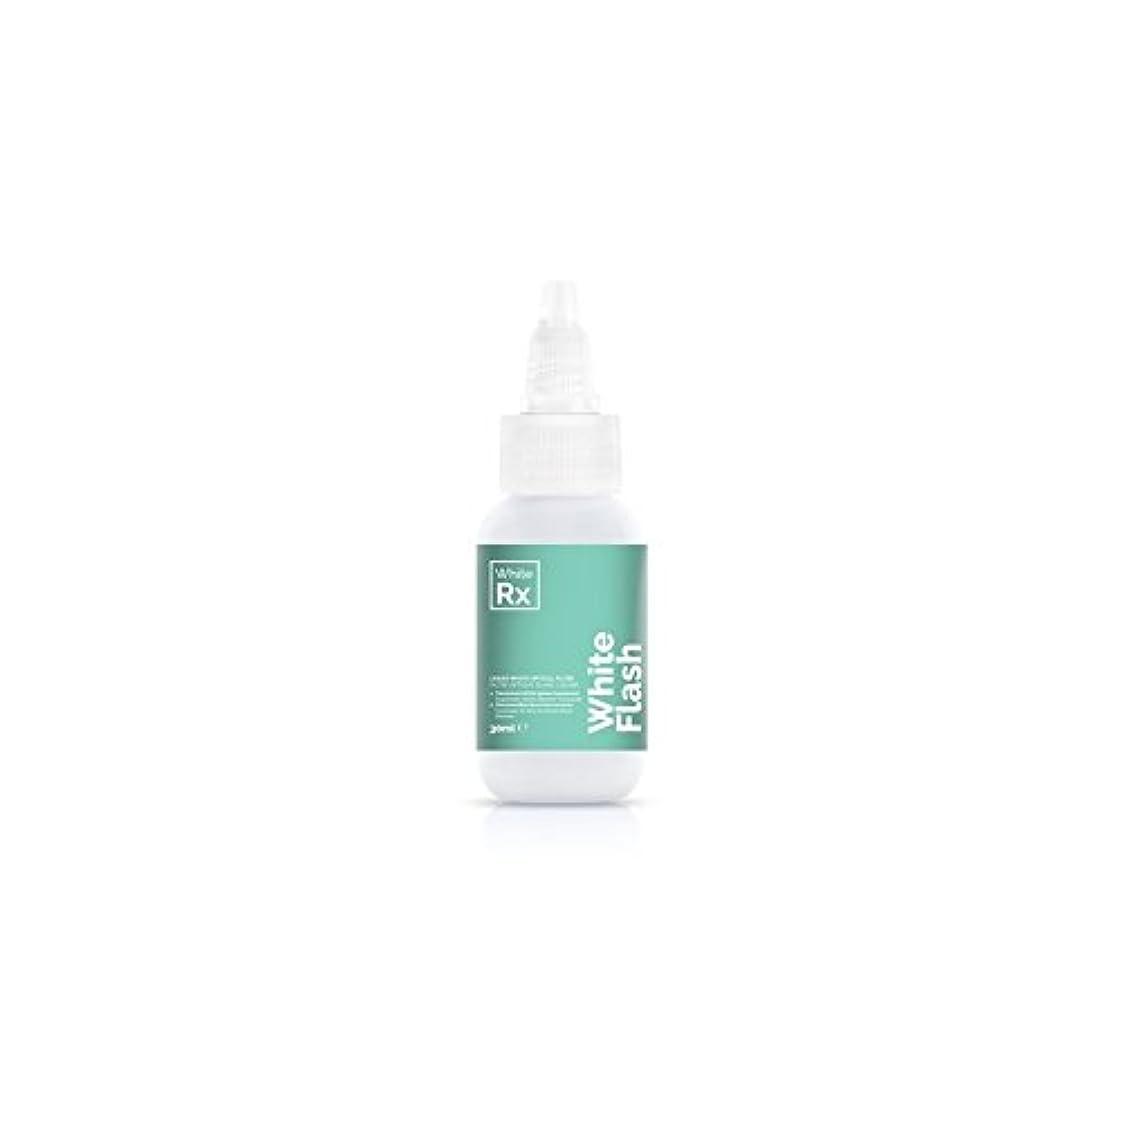 ライン複製する実現可能白いフラッシュスキントリートメント(30ミリリットル) x4 - Whiterx White Flash Skin Treatment (30ml) (Pack of 4) [並行輸入品]